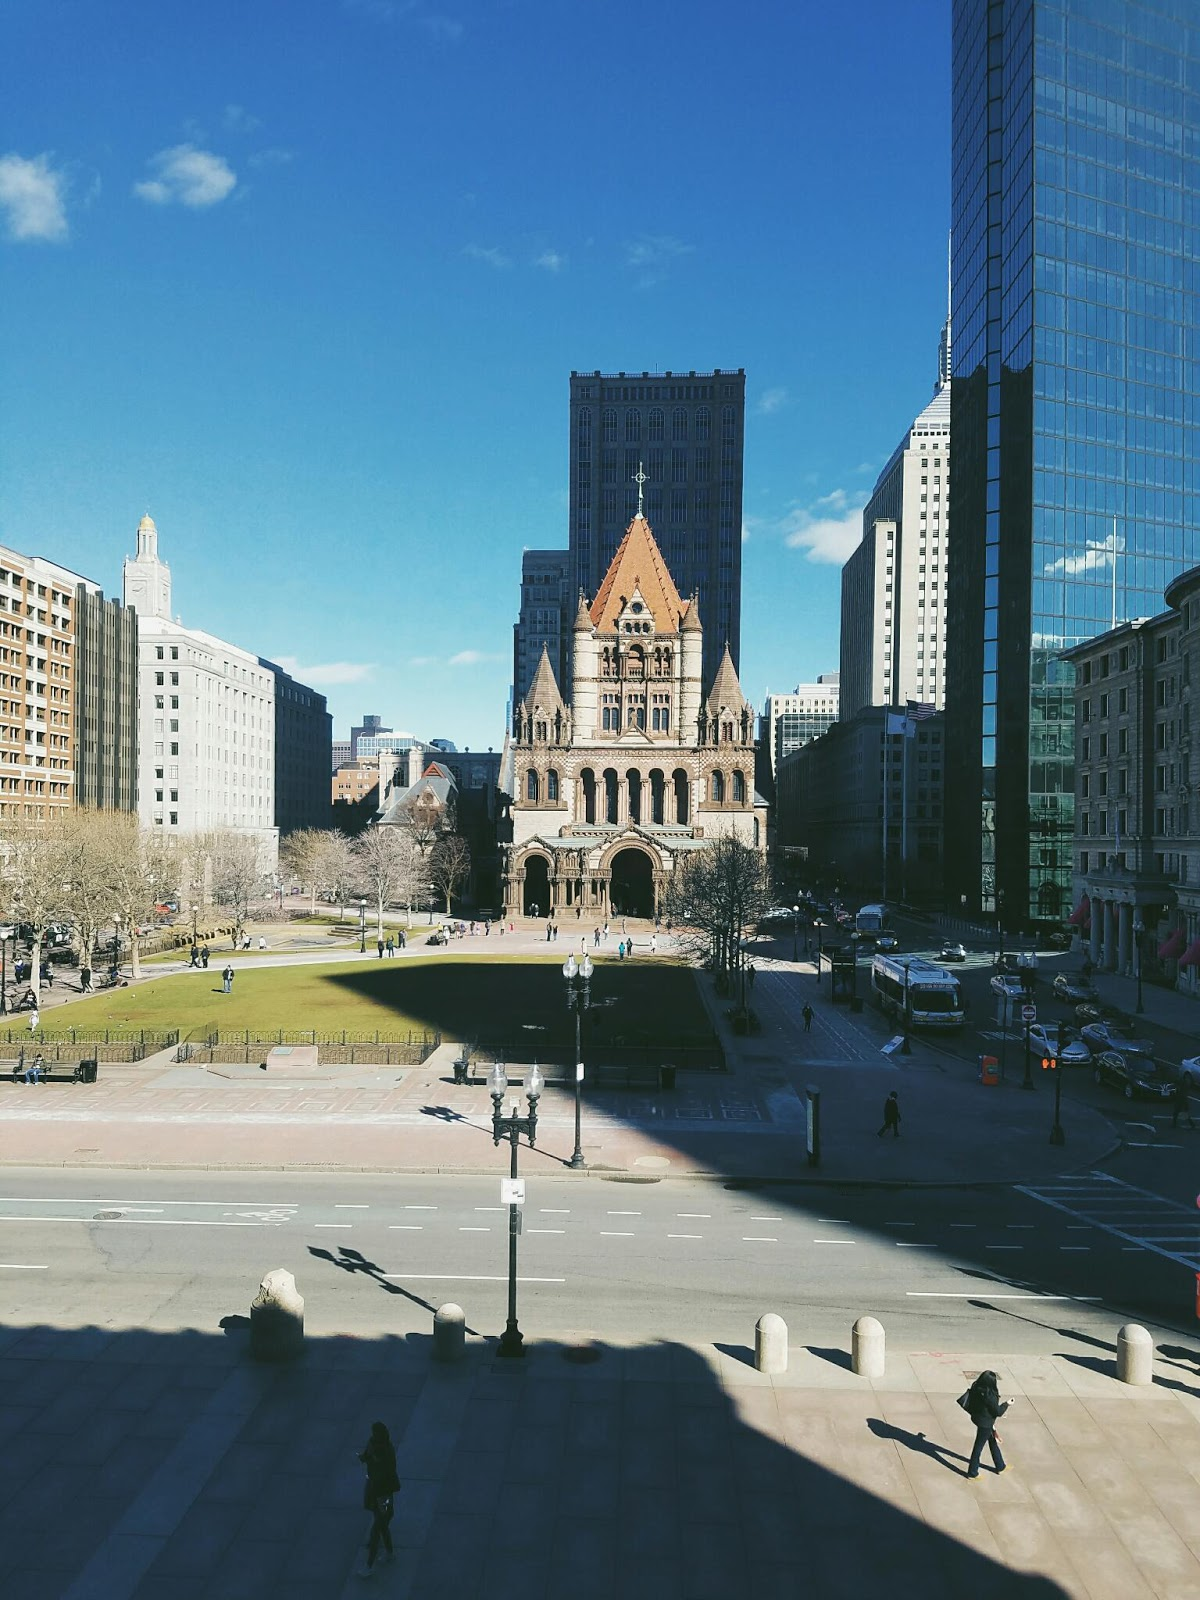 Courtney Tomesch Boston Day 4: Copley Square, Boston Public Library